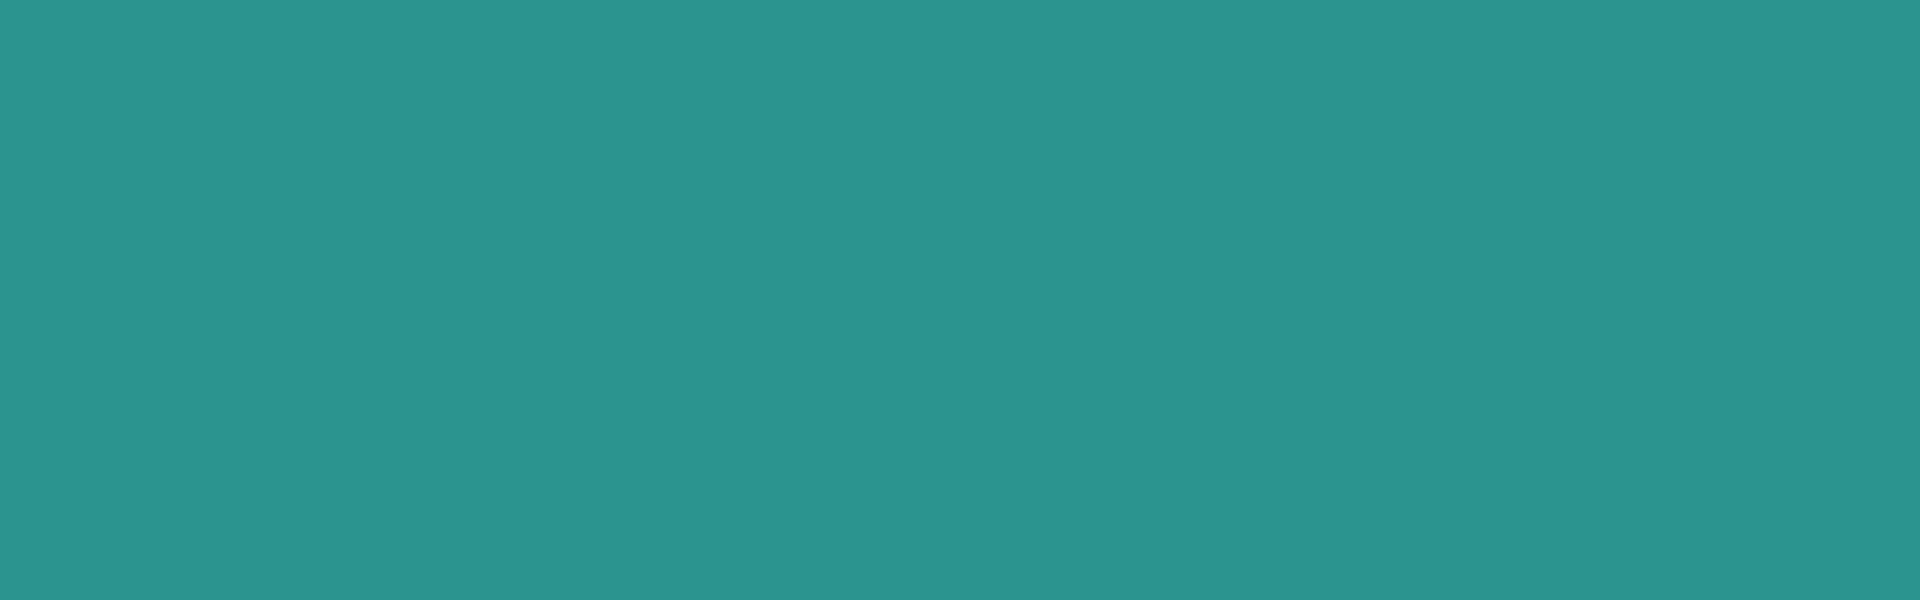 Fond bleu canard